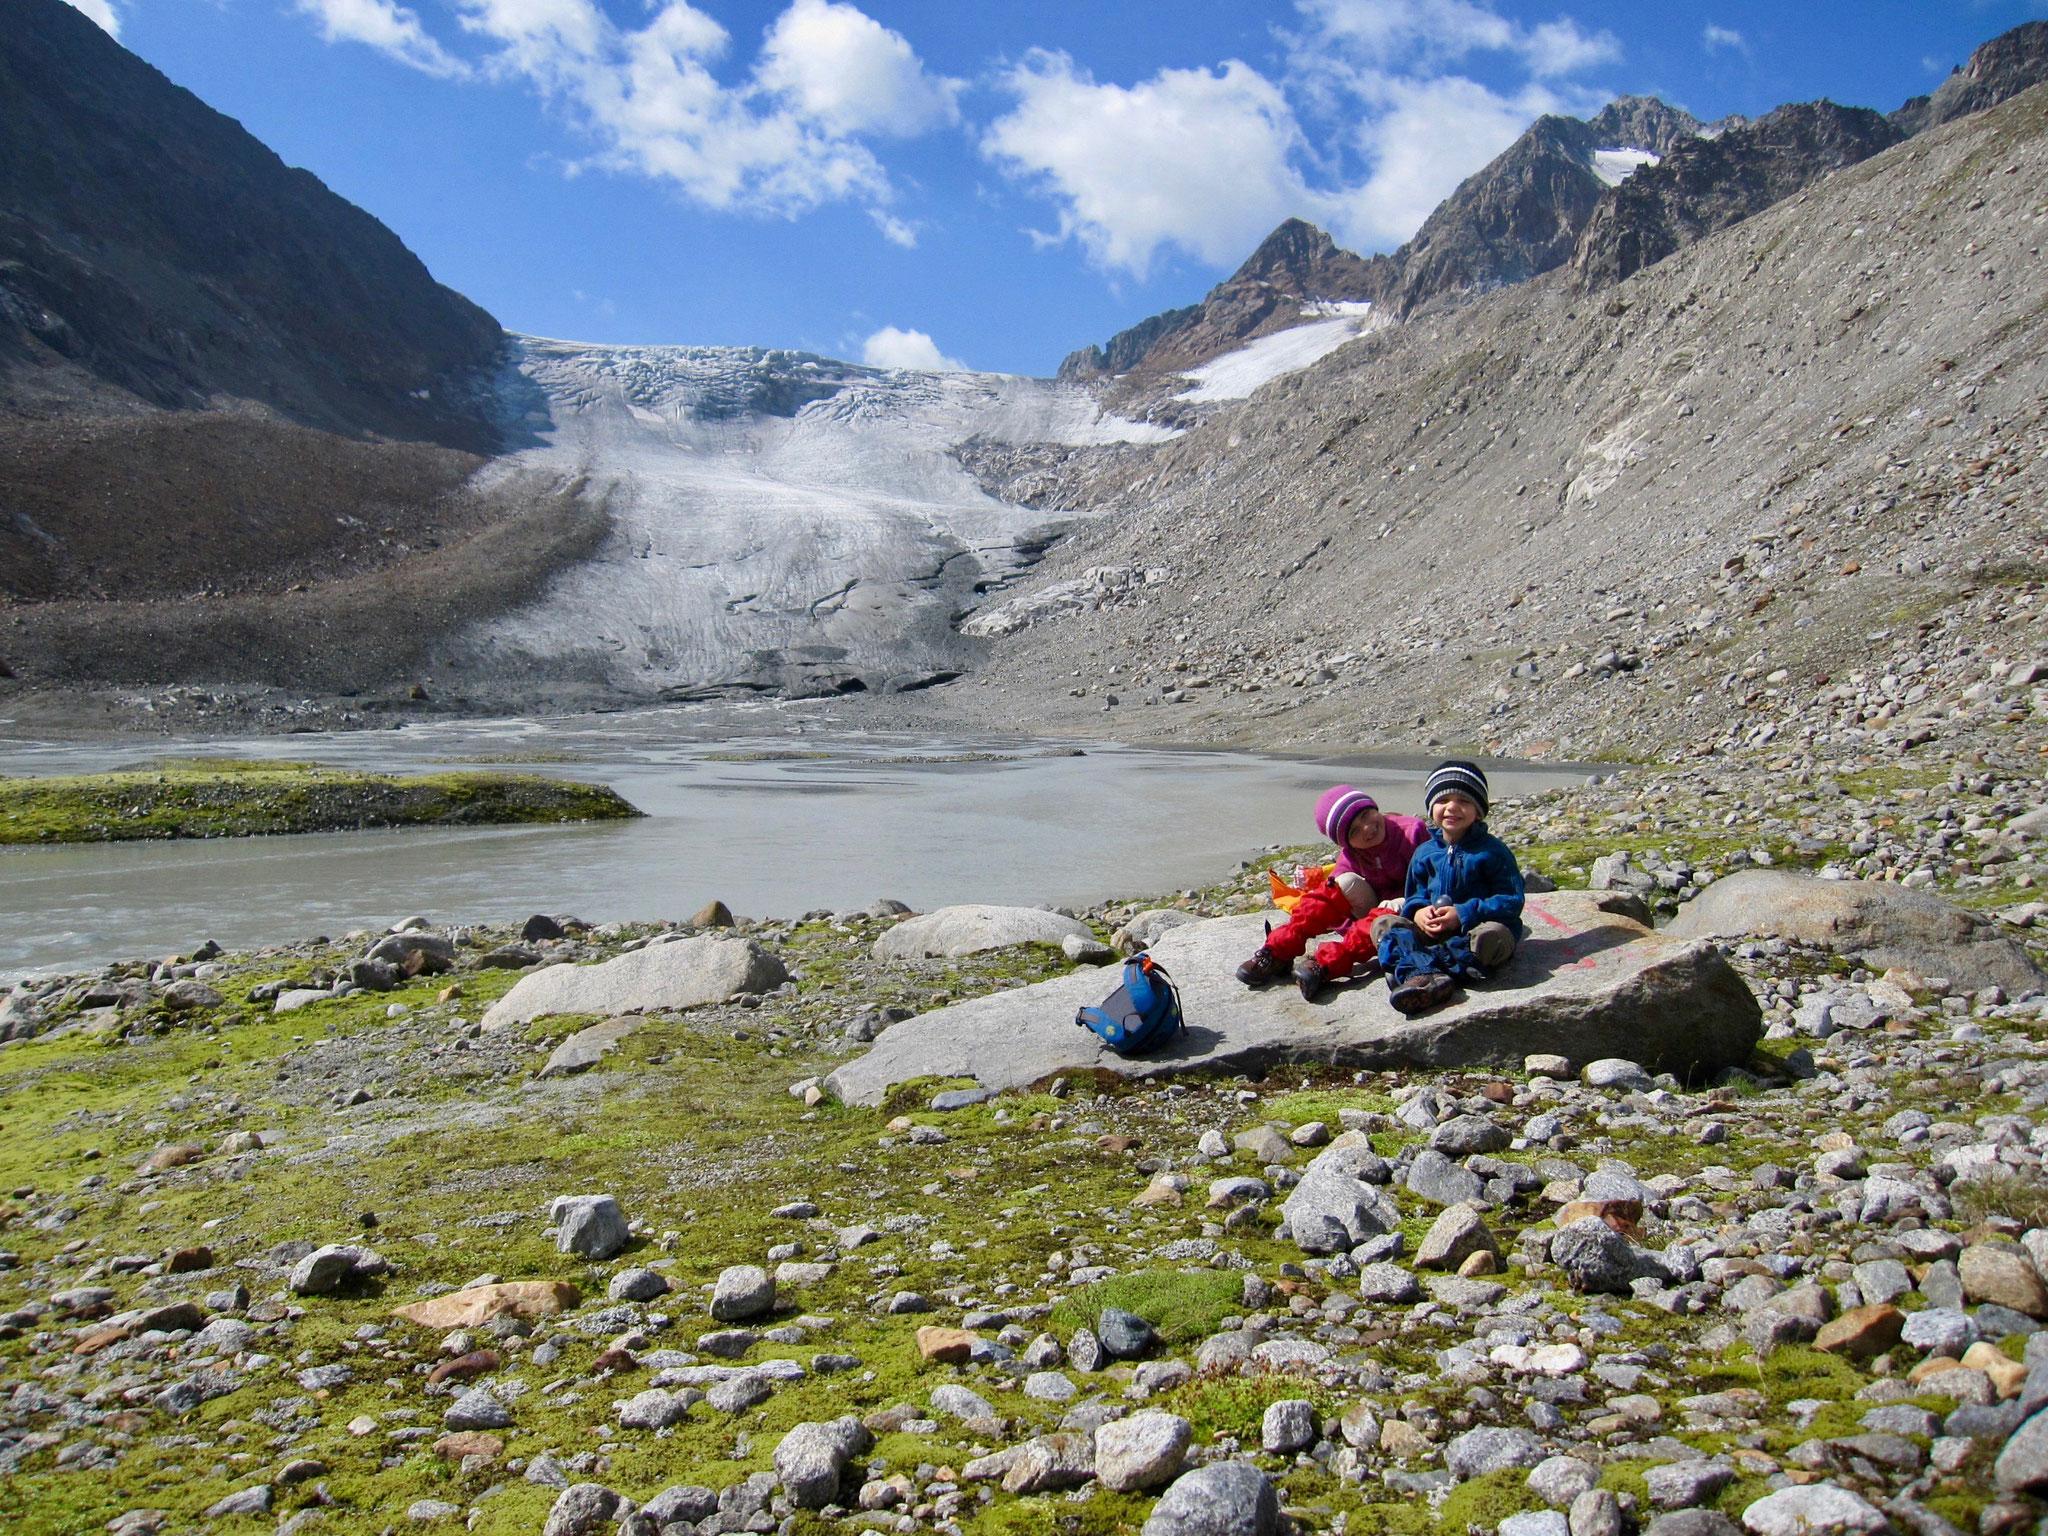 Nach einer Pause mit Blick auf den Gletscher ging es dann wieder Richtung Franz-Senn Hütte